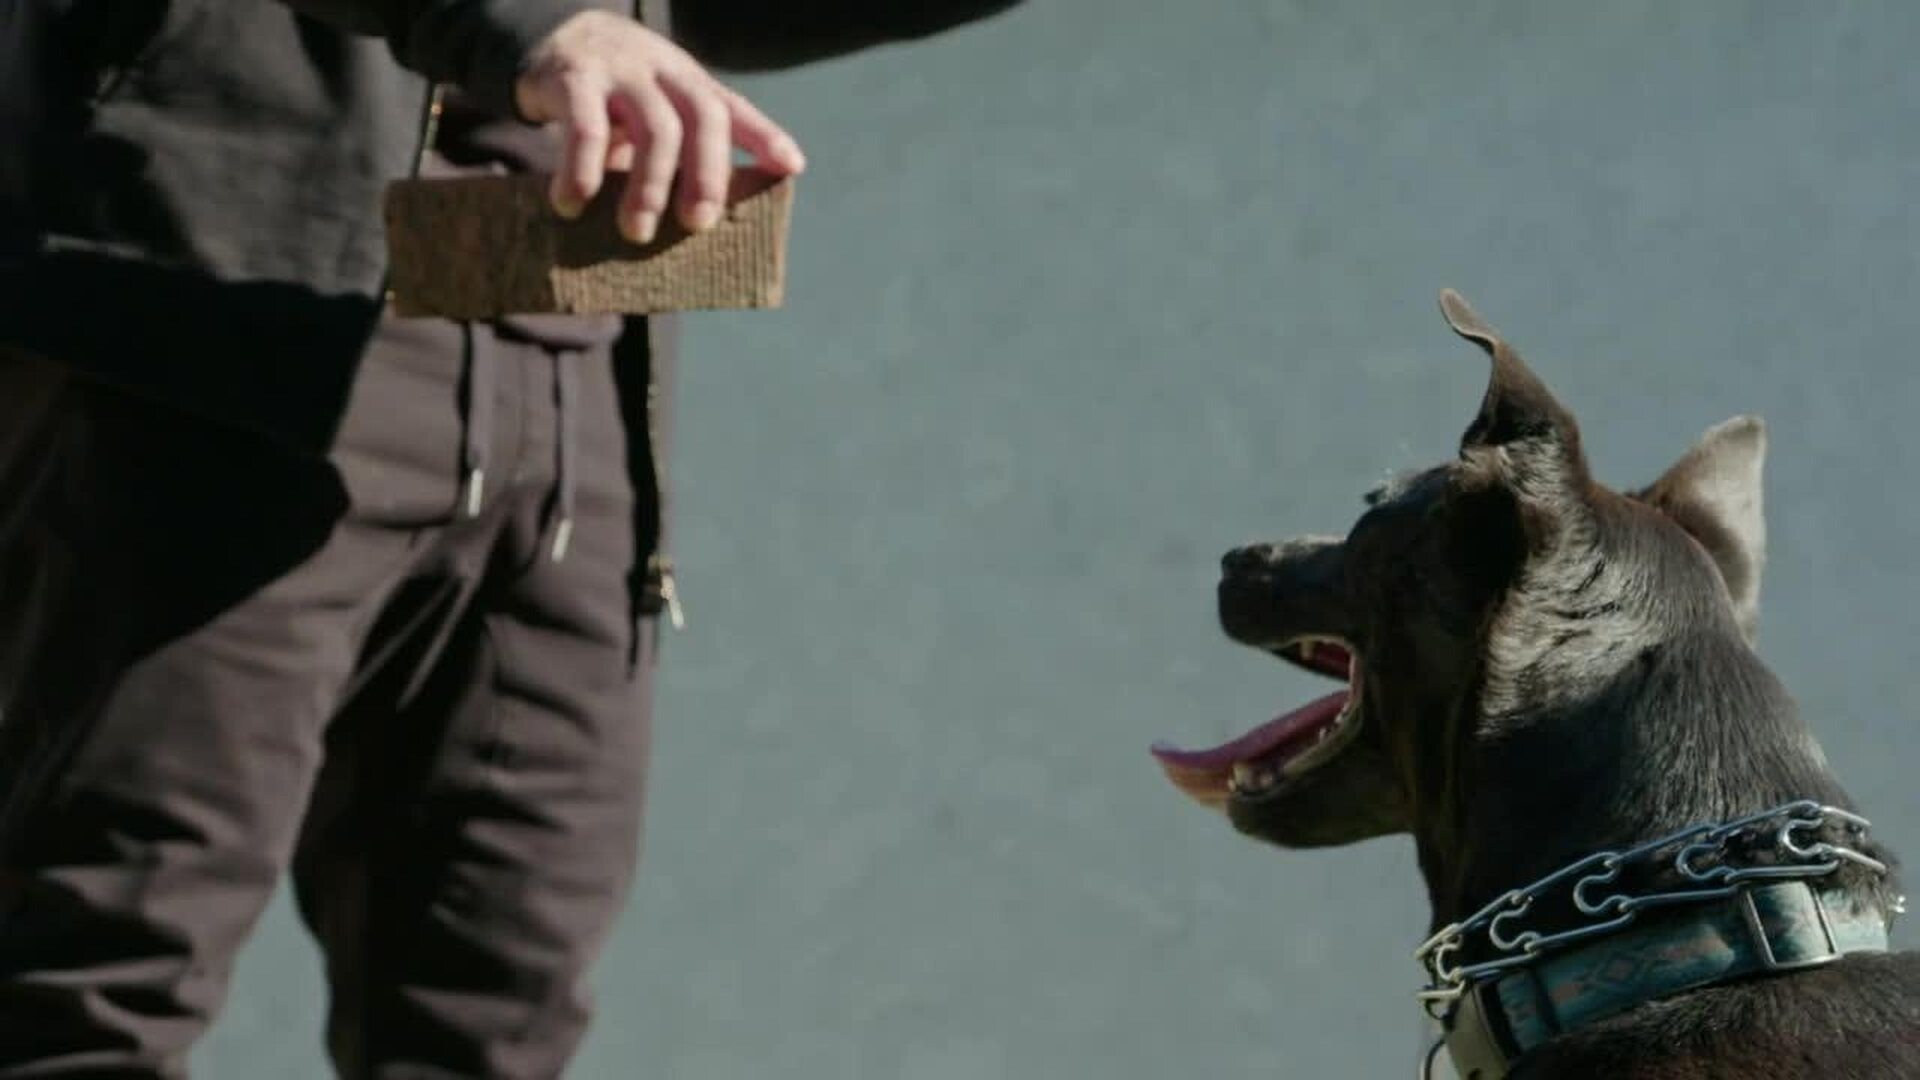 Cesar Millan: Better Human Better Dog — s01e02 — One Brick at a Time